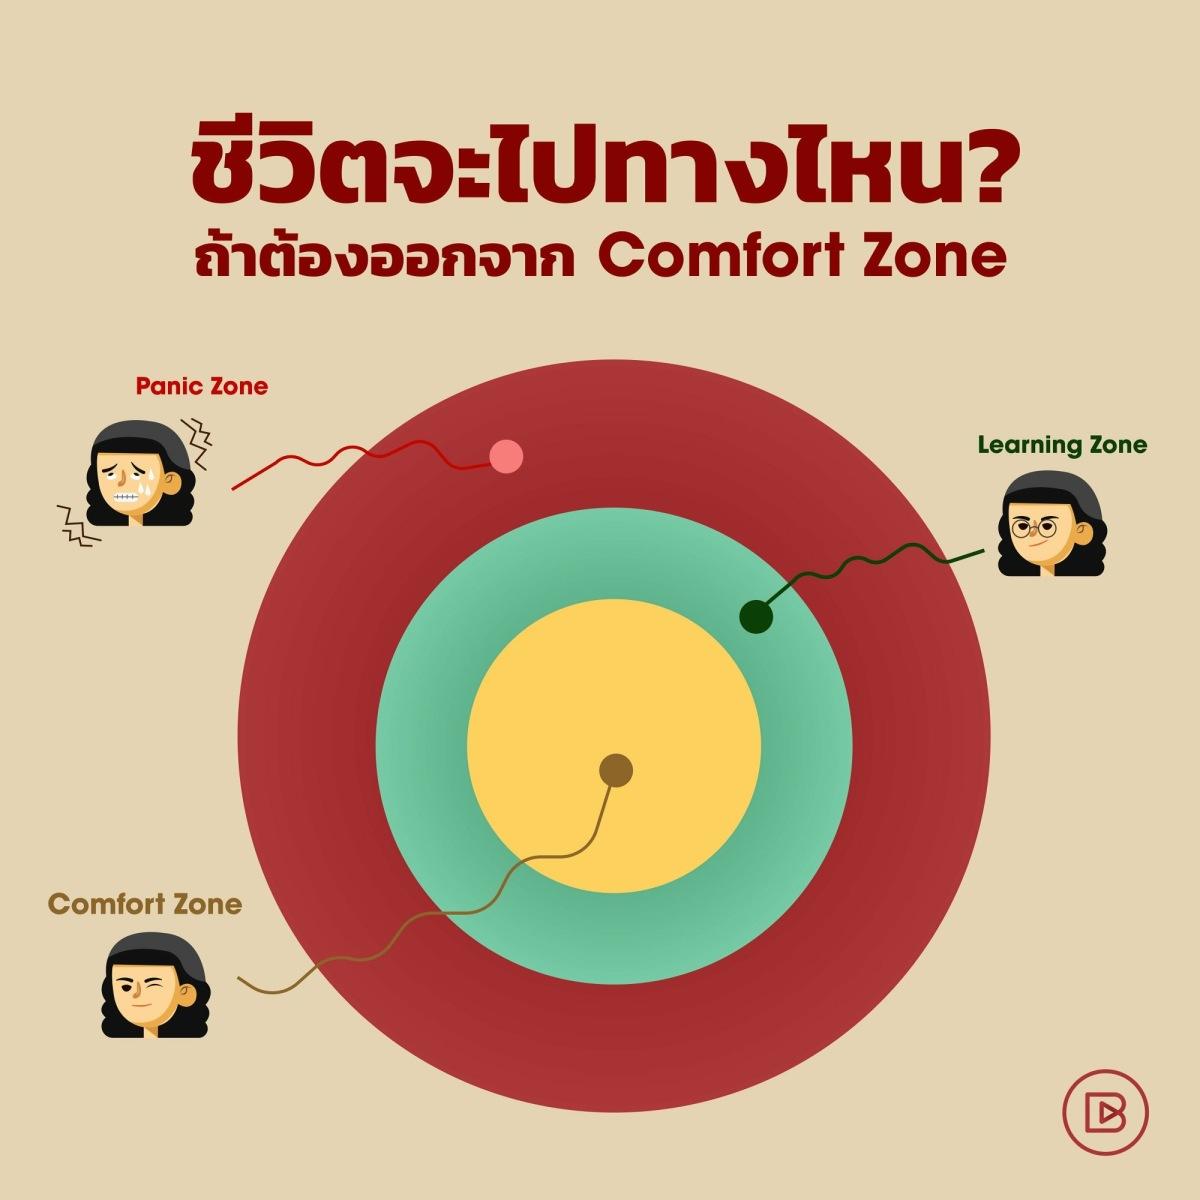 ชีวิตจะไปทางไหน ถ้าต้องออกจาก Comfort zone